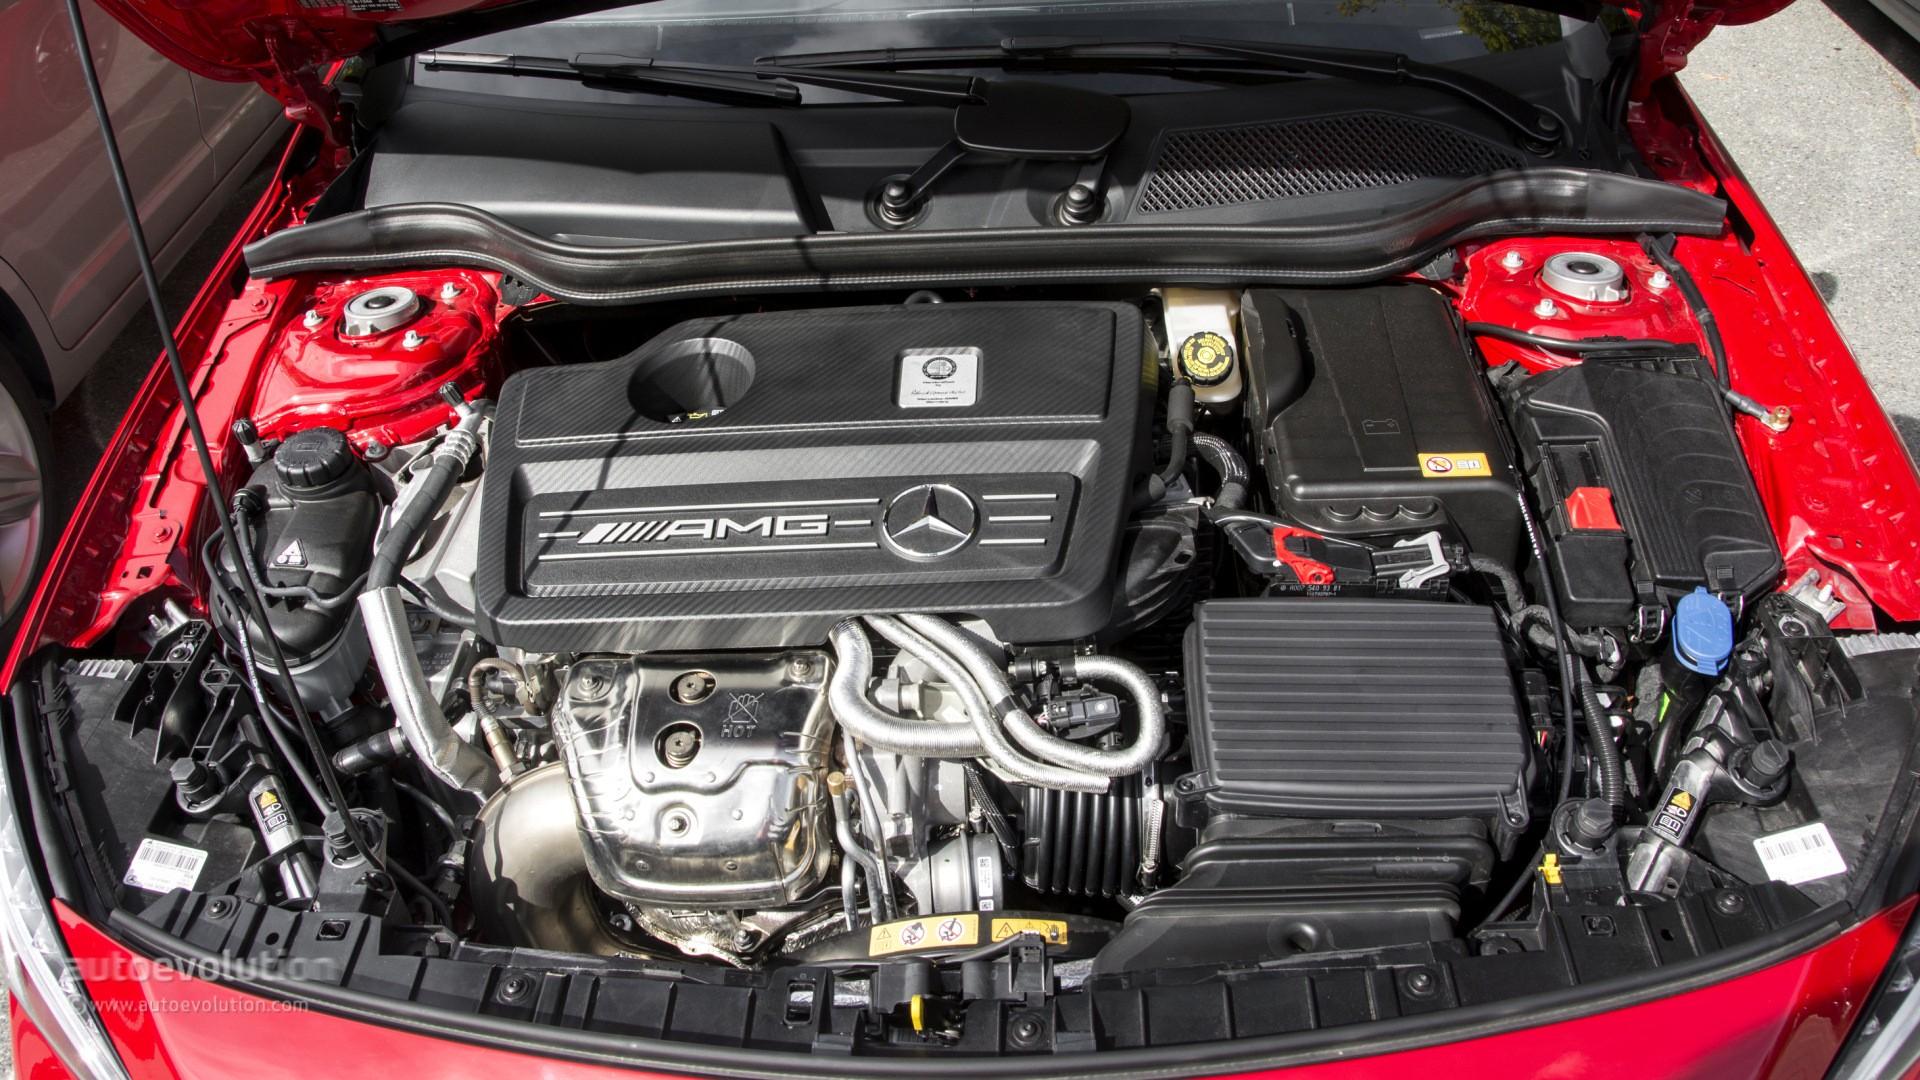 Mercedes gla engine